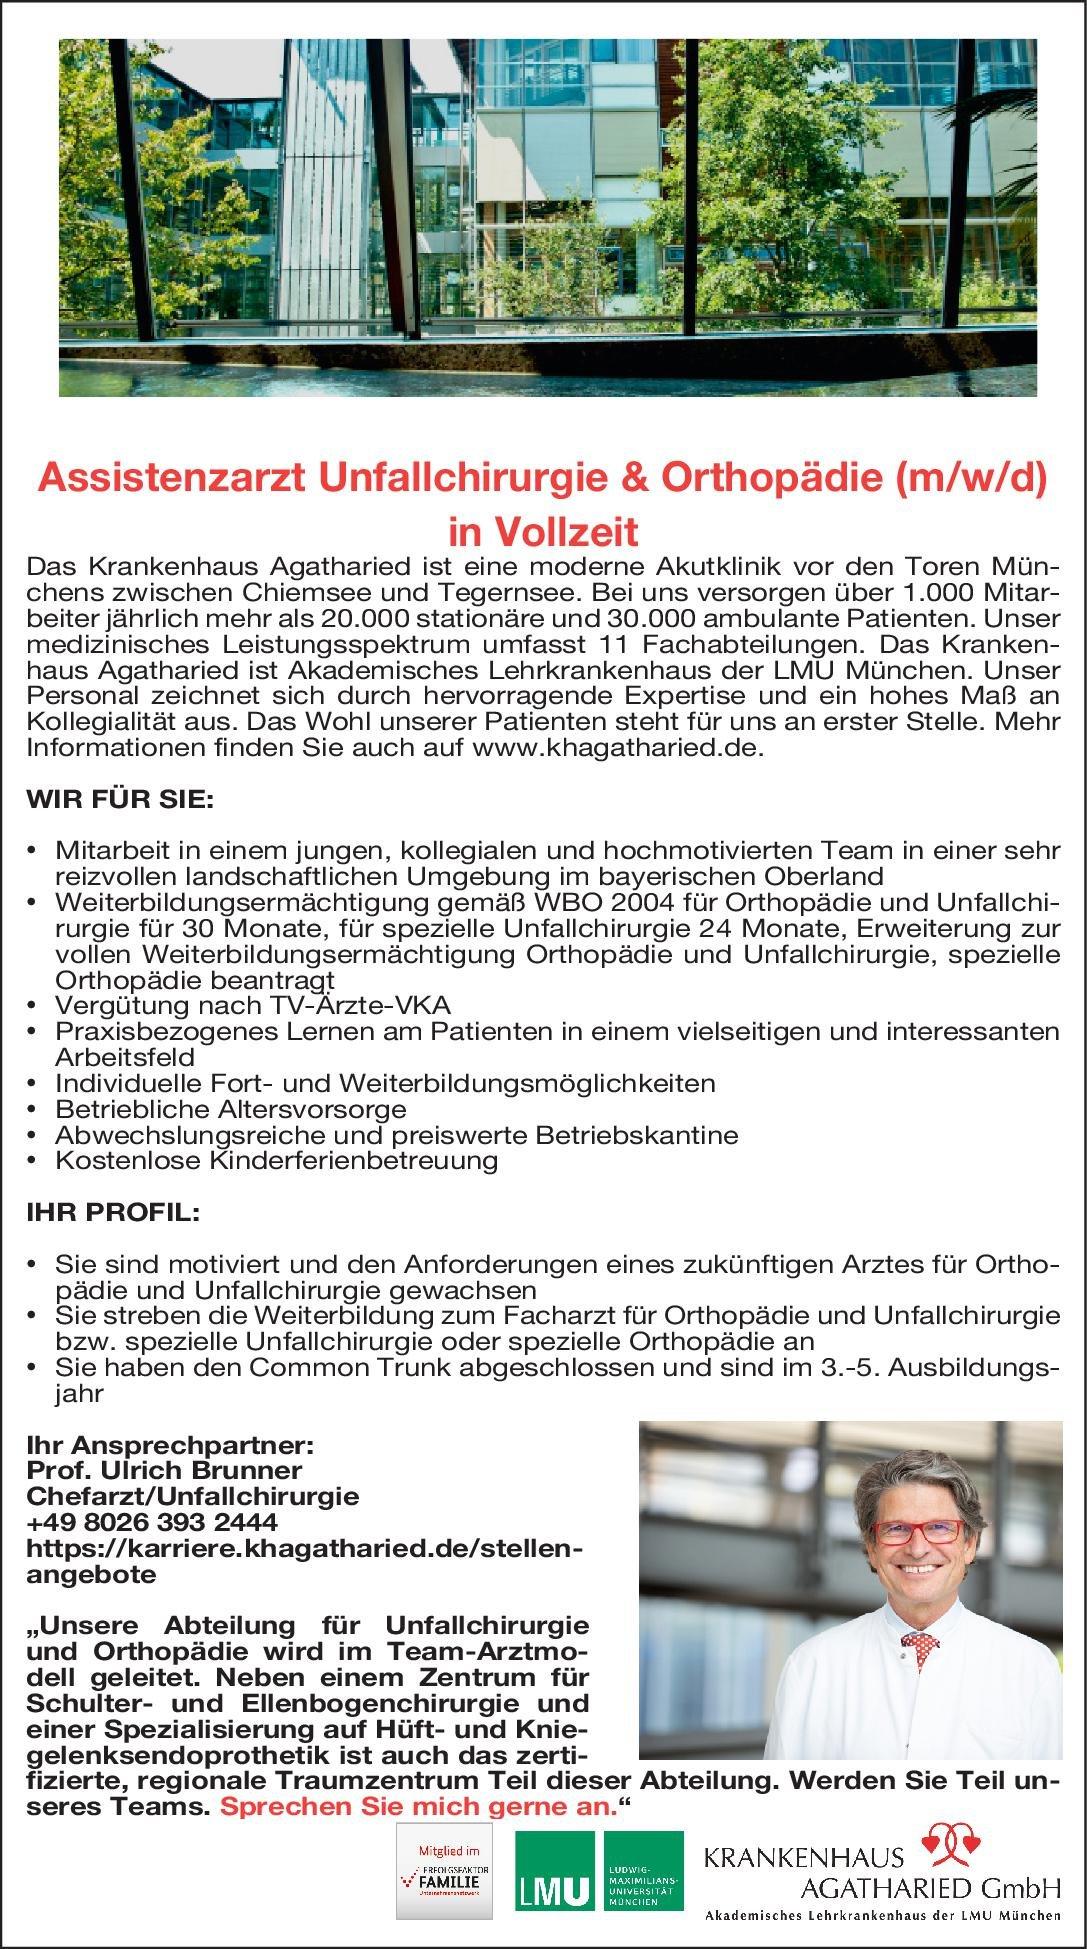 Krankenhaus Agatharied GmbH Assistenzarzt Unfallchirurgie & Orthopädie (m/w/d)  Orthopädie und Unfallchirurgie, Chirurgie Assistenzarzt / Arzt in Weiterbildung